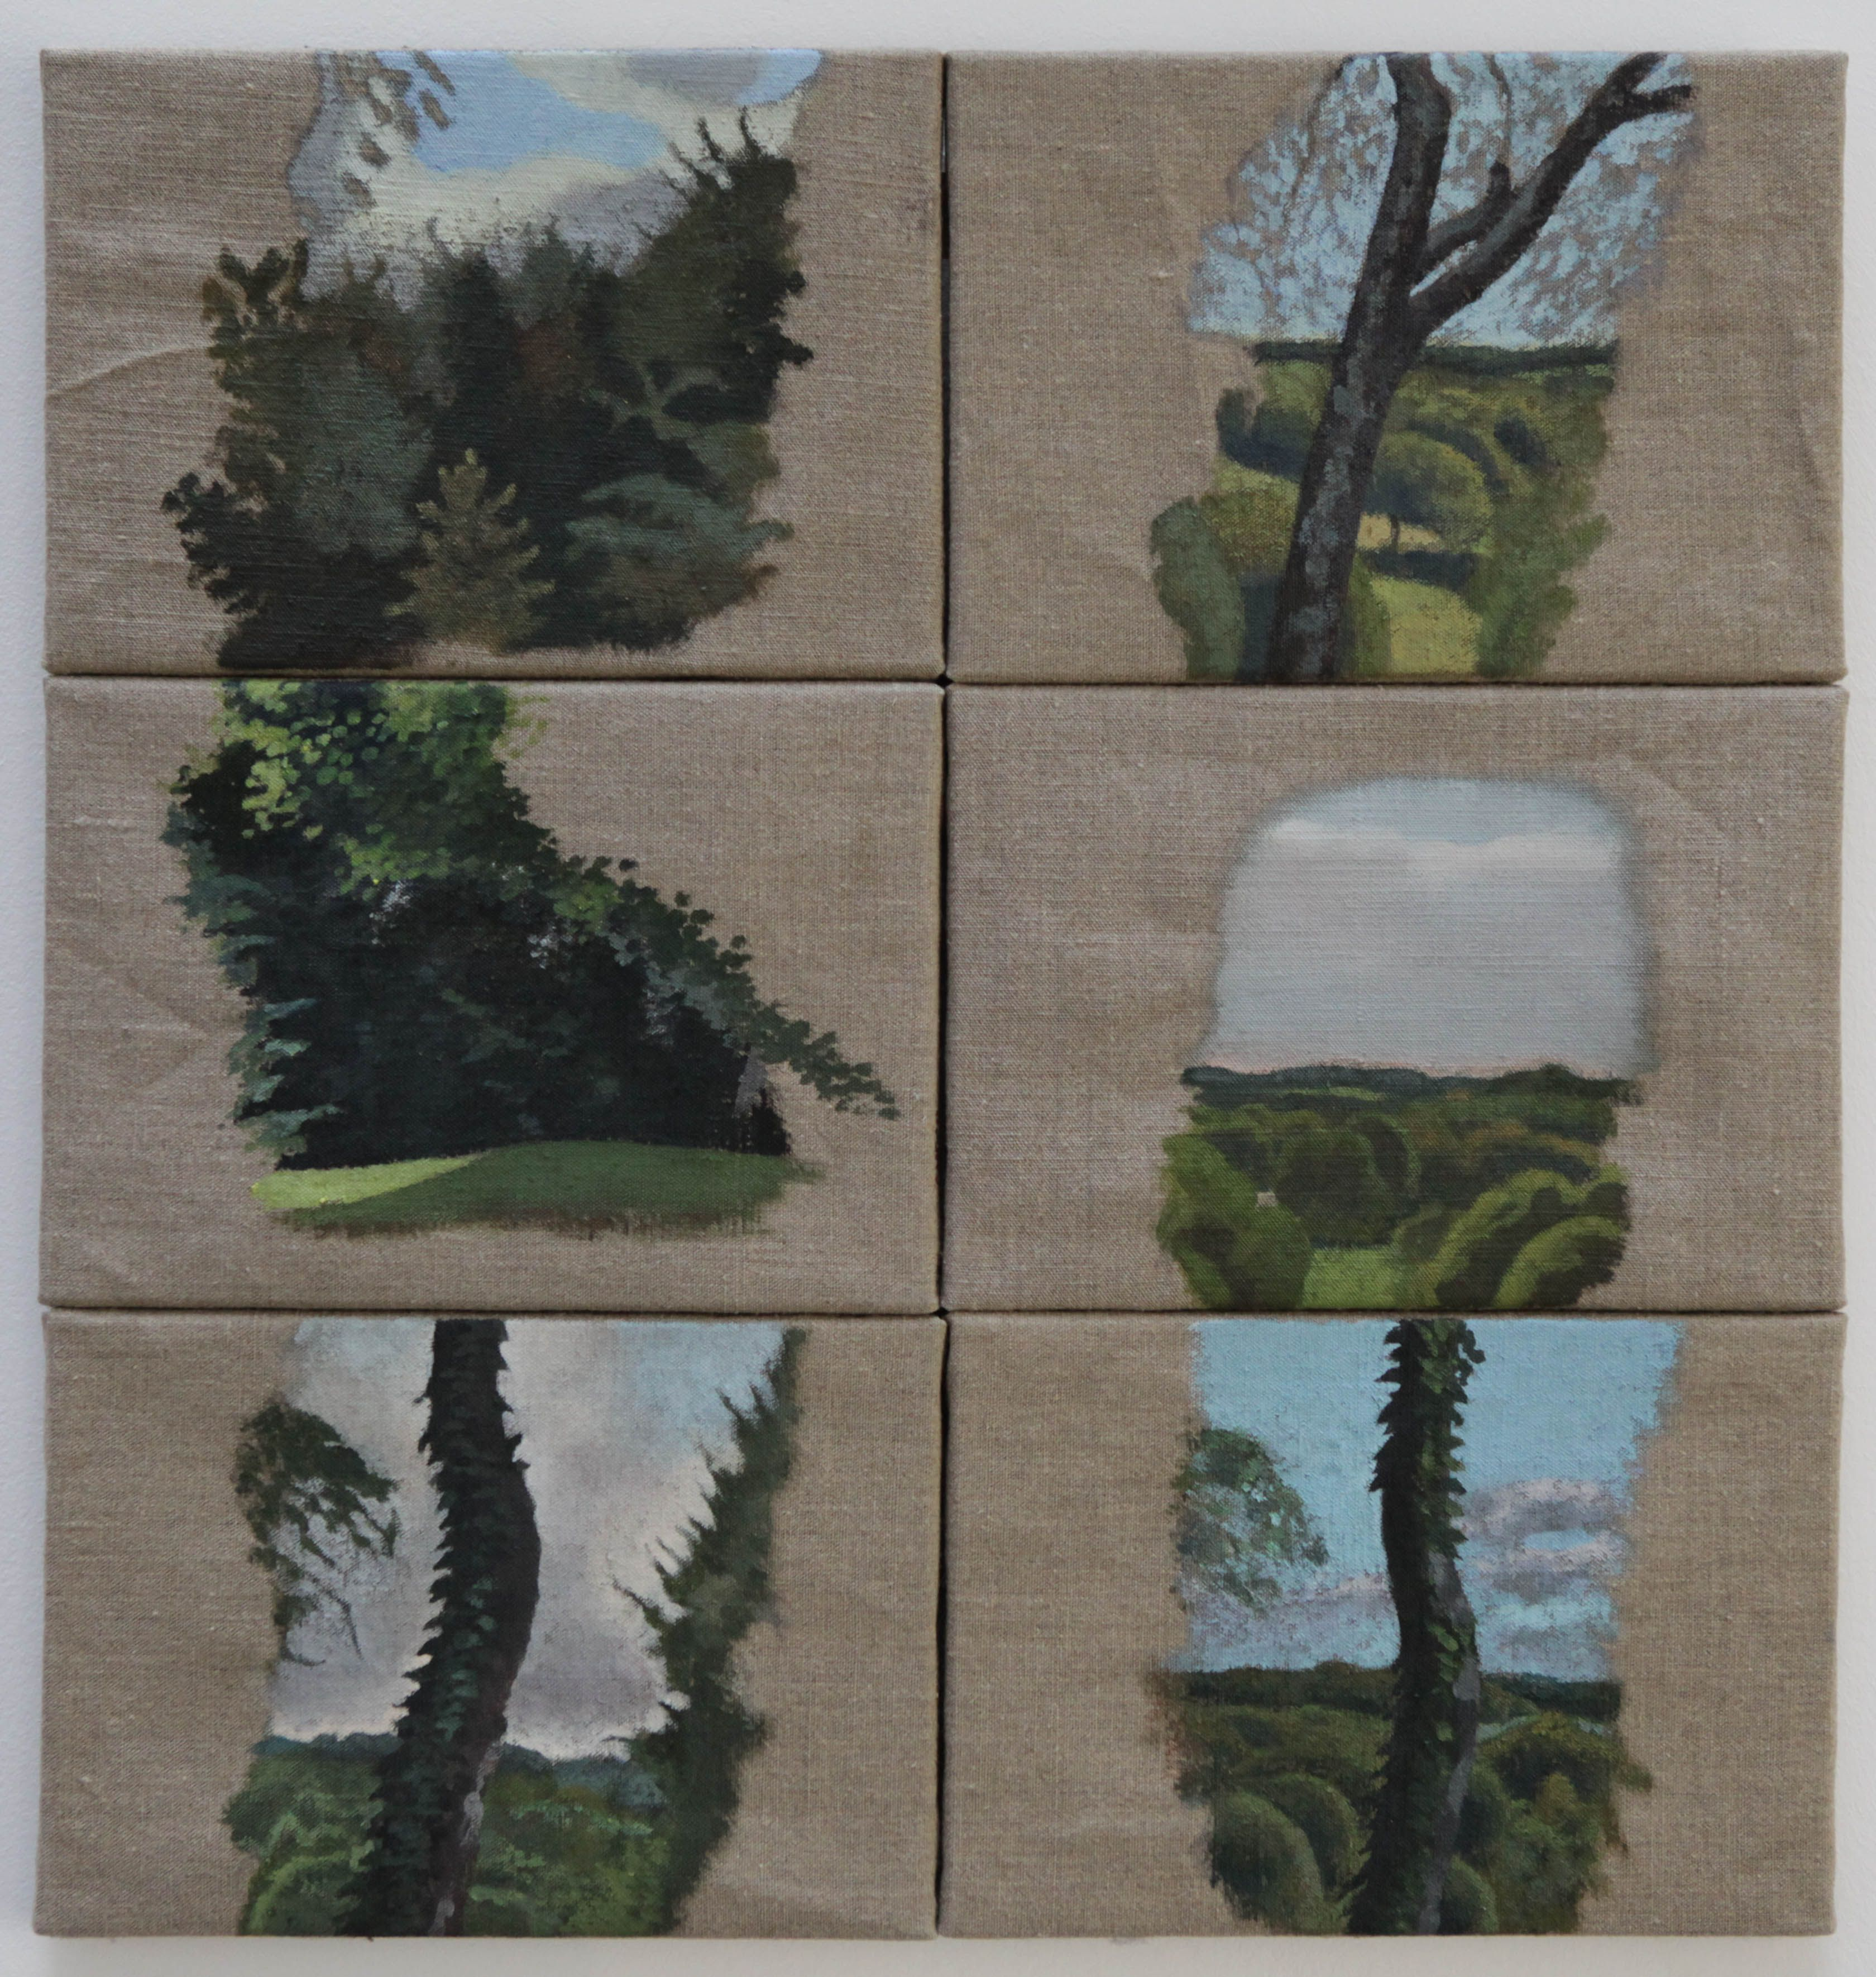 Paysage 2000 se rapportant à henri cueco,paysages au pouget, série petite peinture, 2000